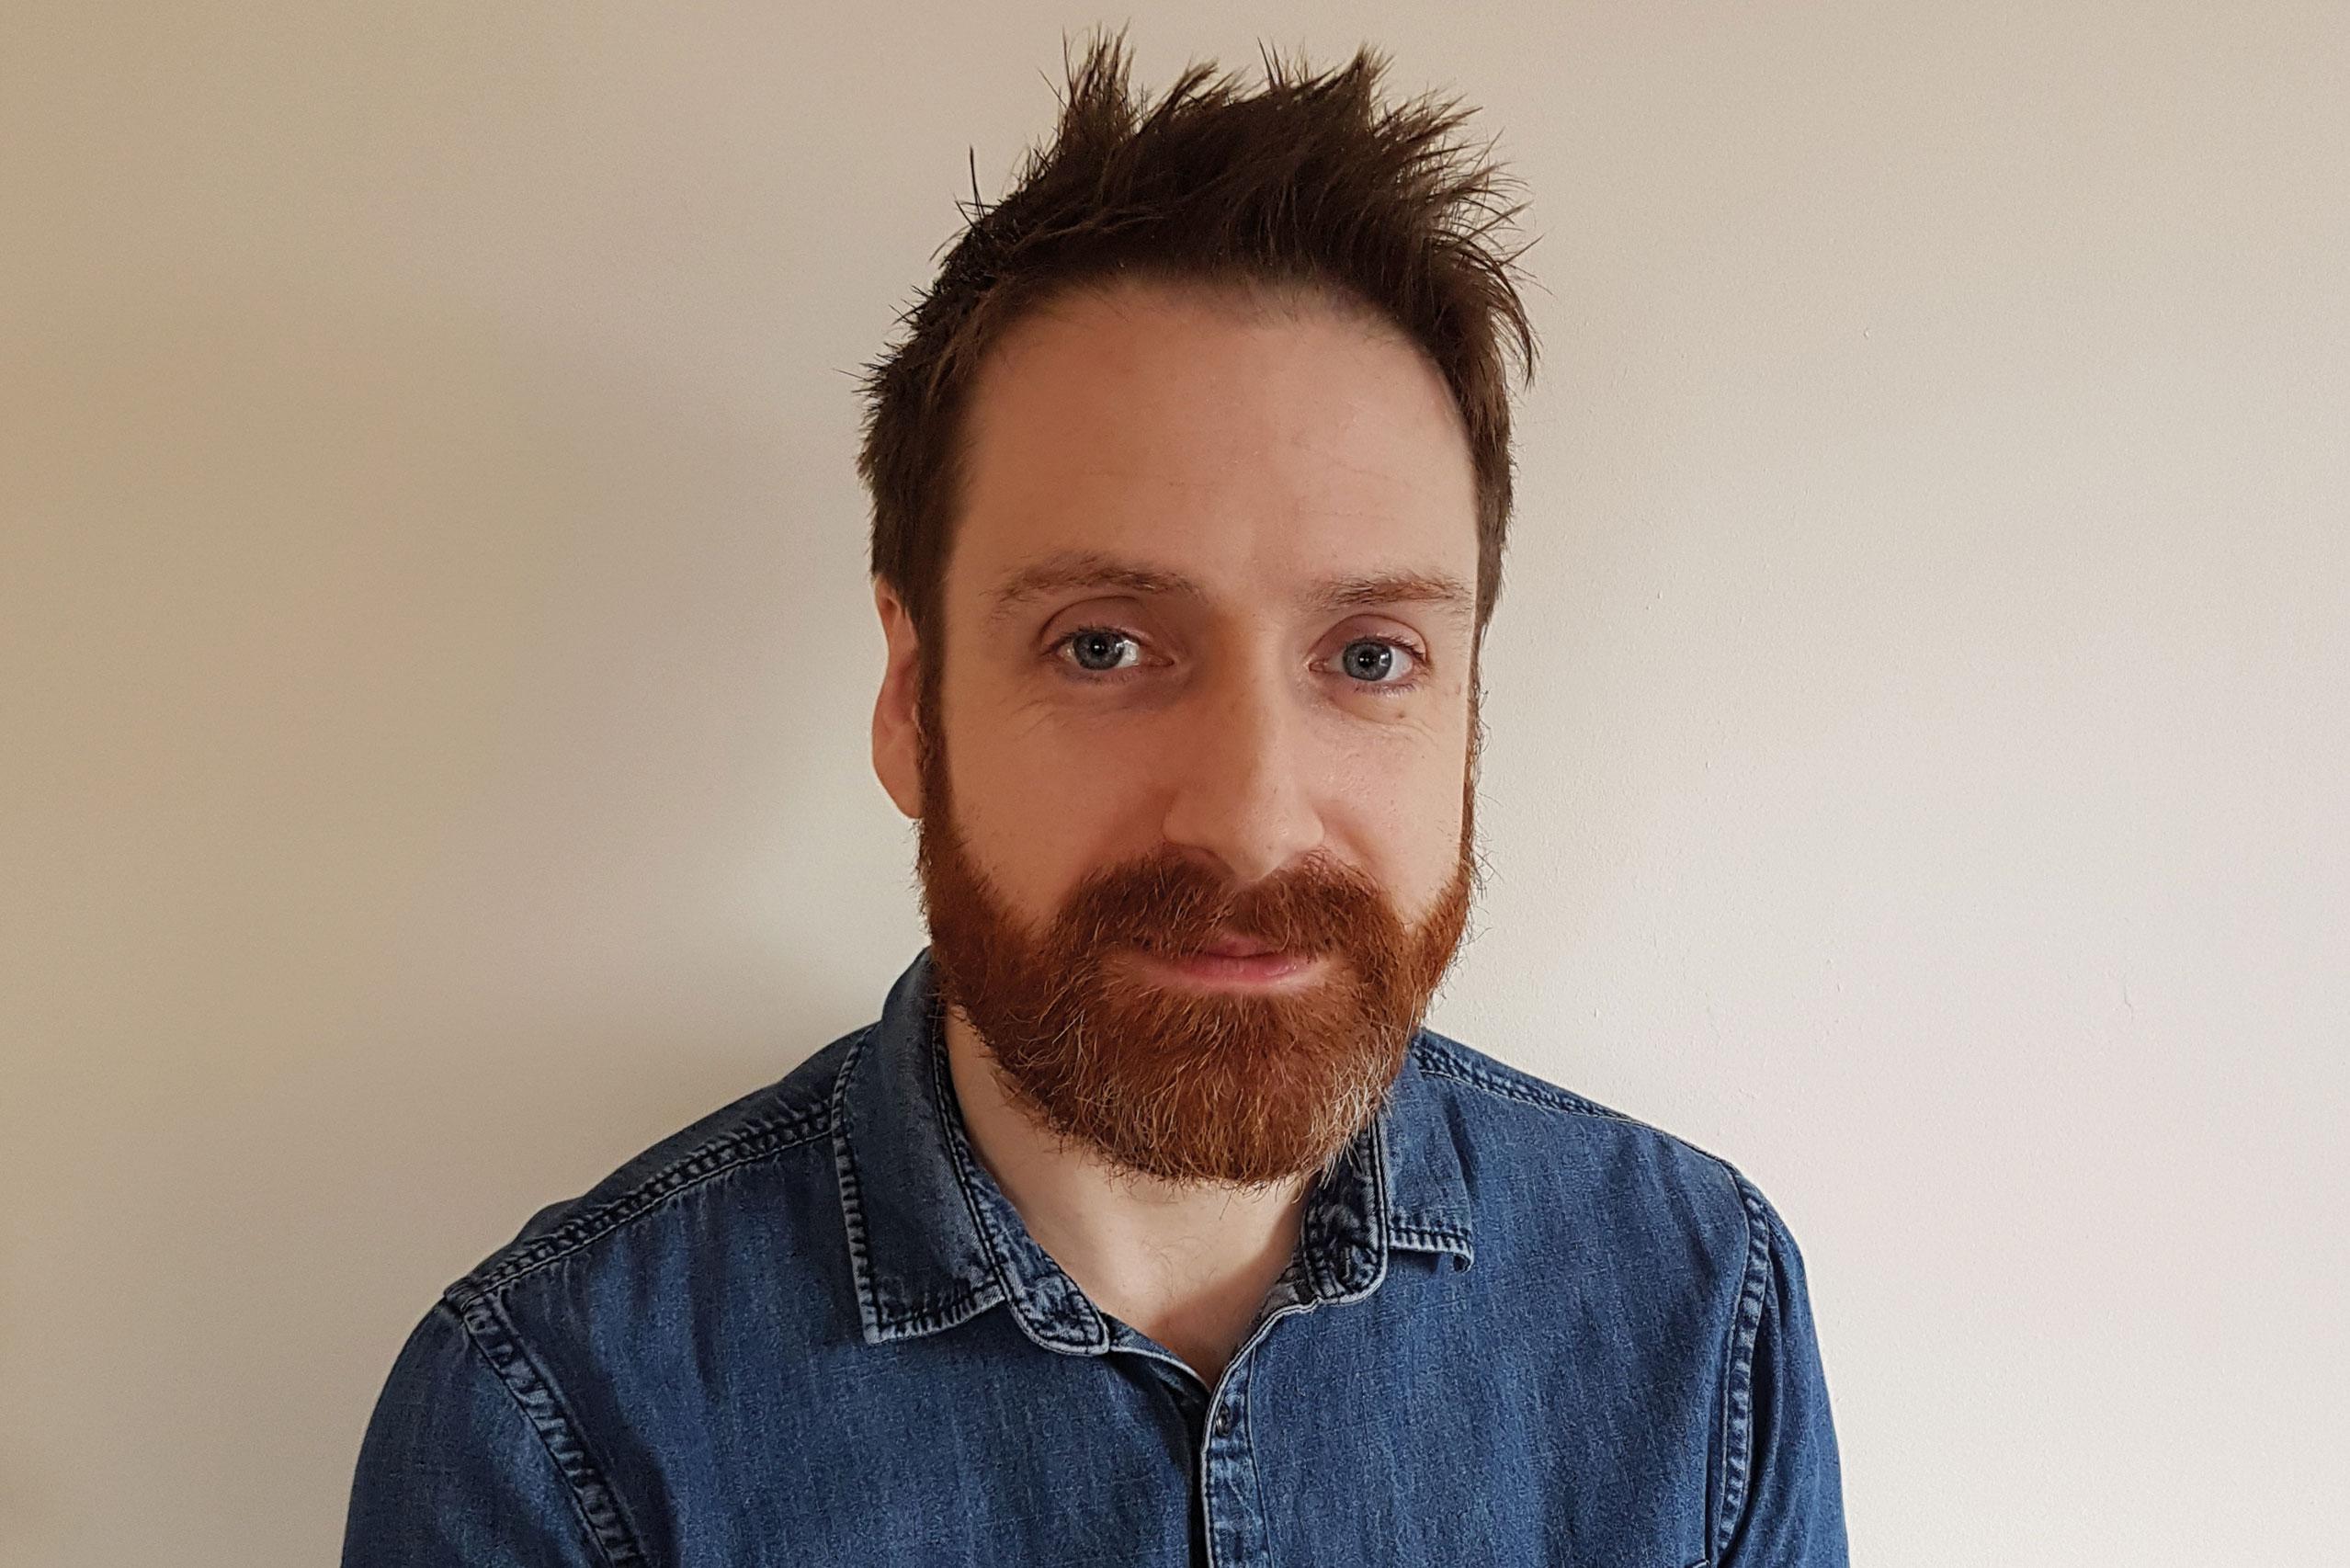 Elliott Millard, managing partner, Starcom